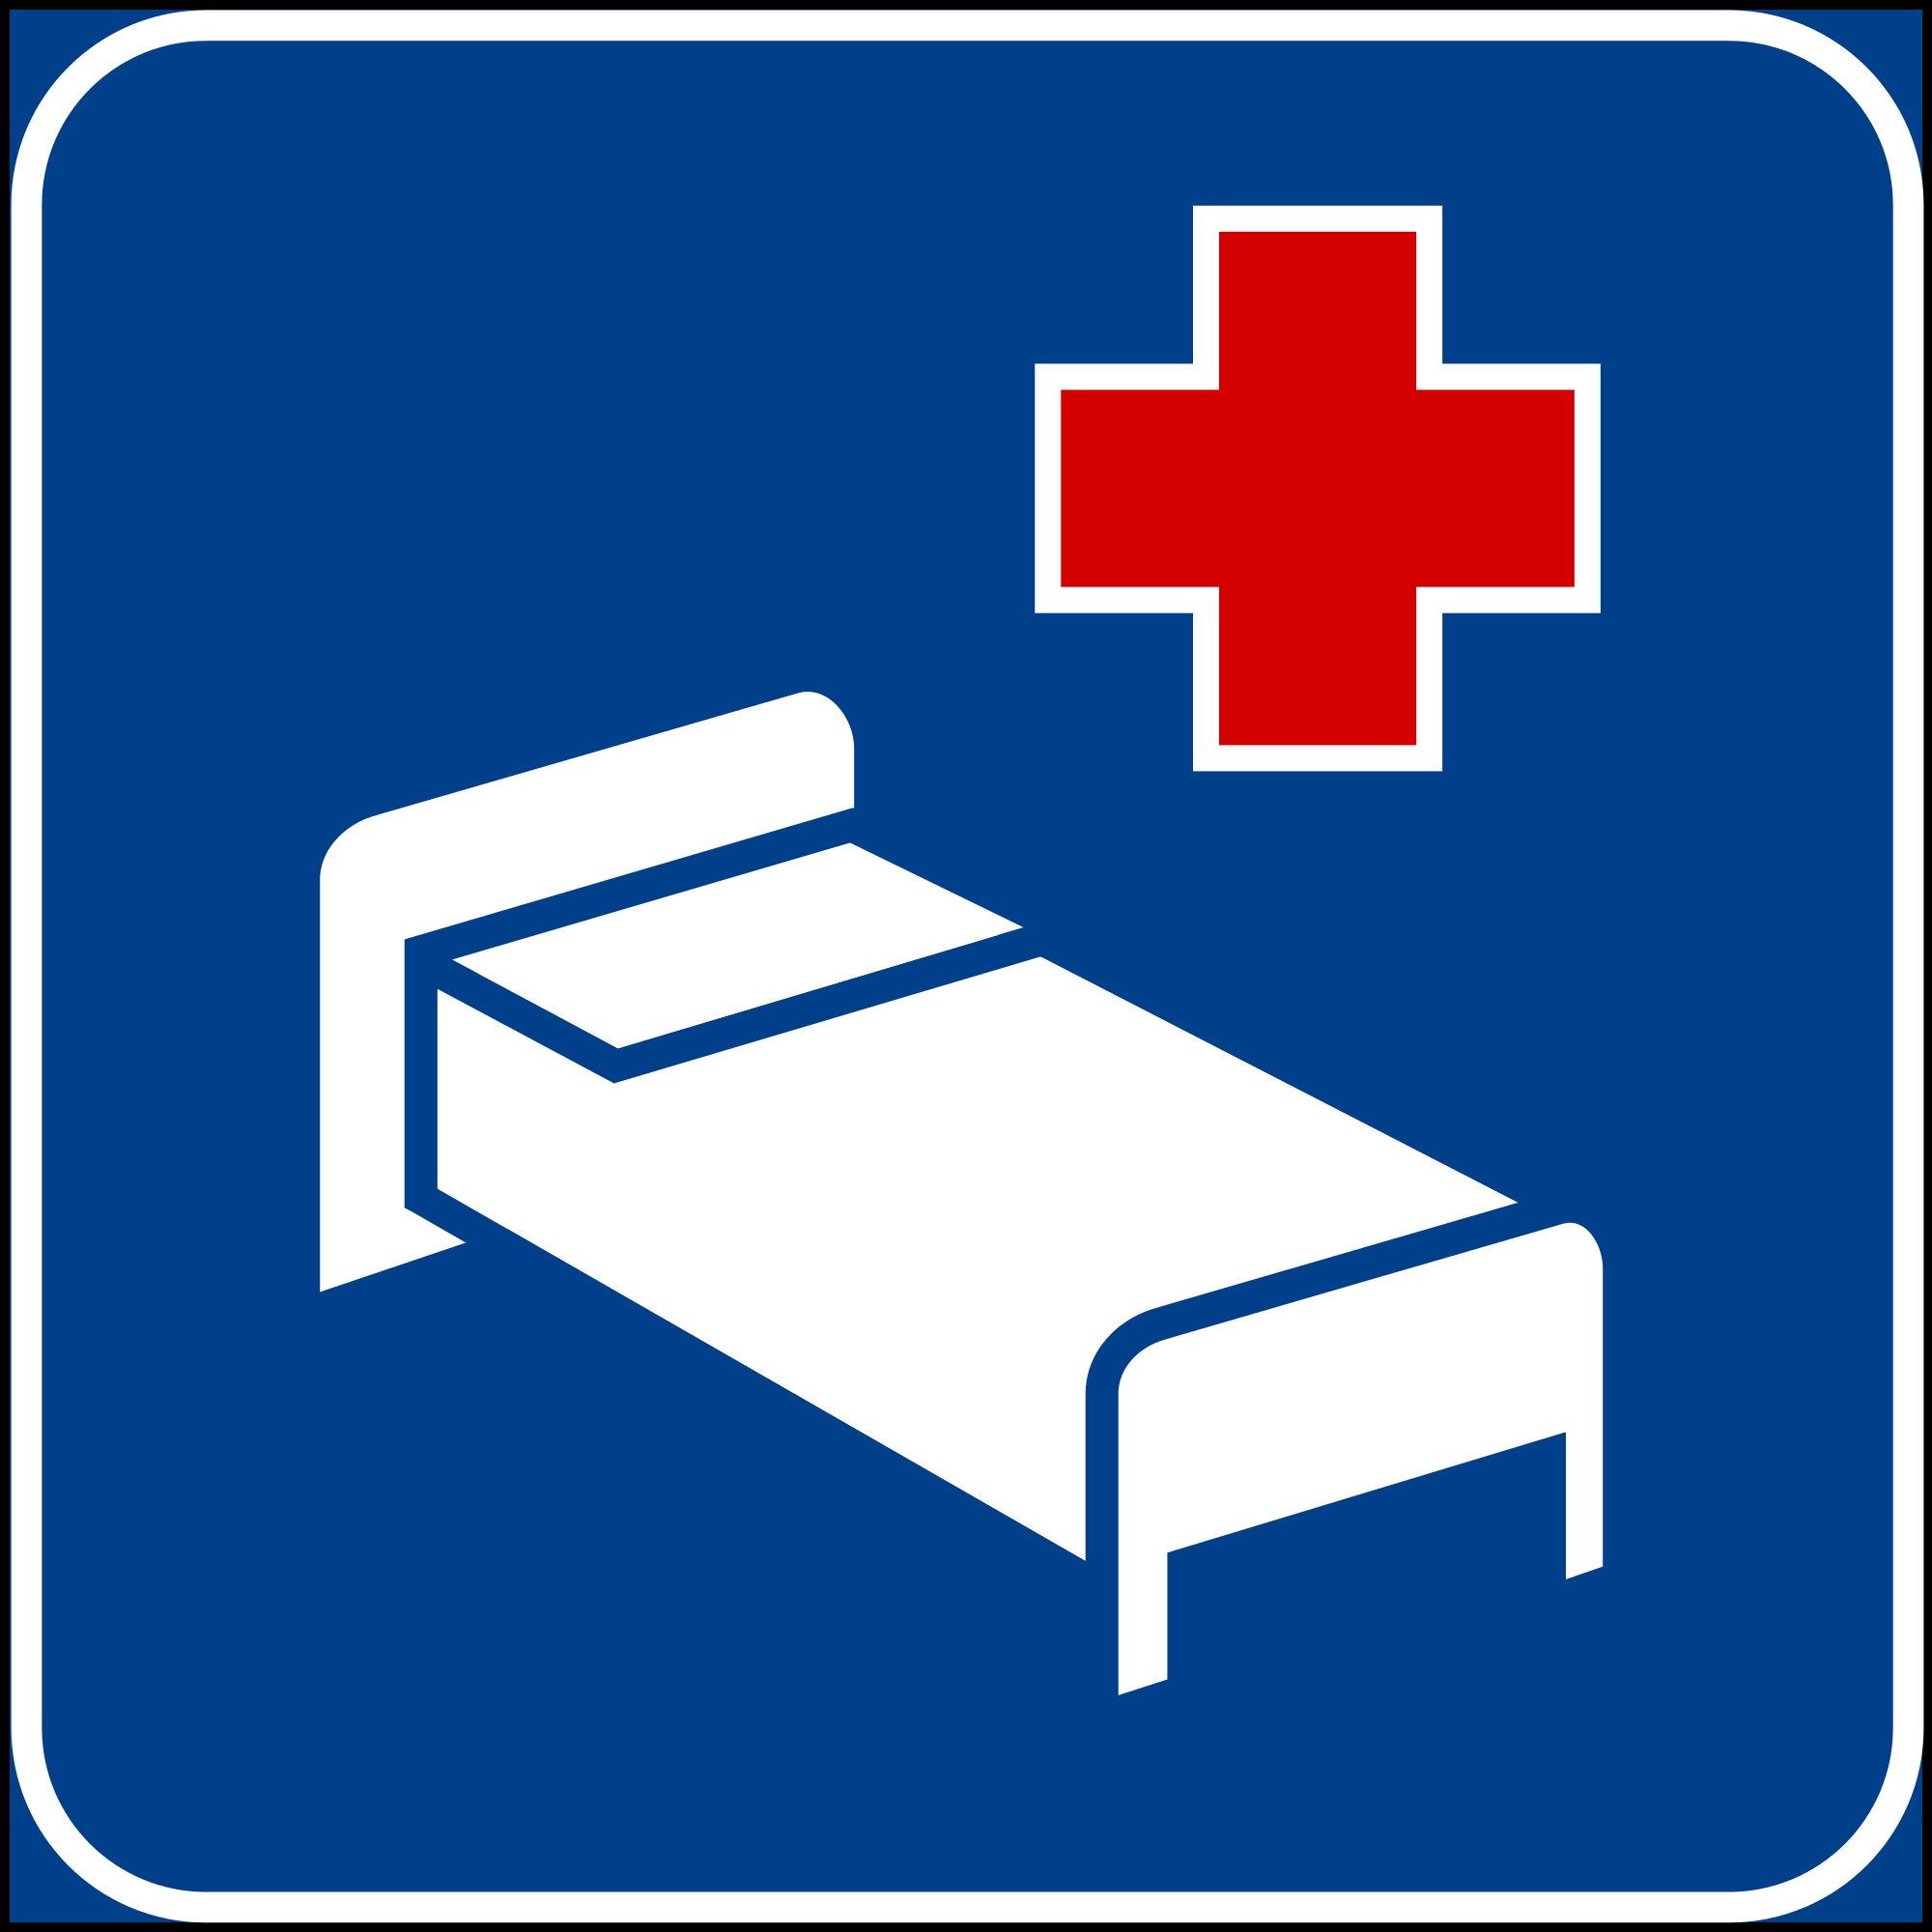 ospedale-radiobussola